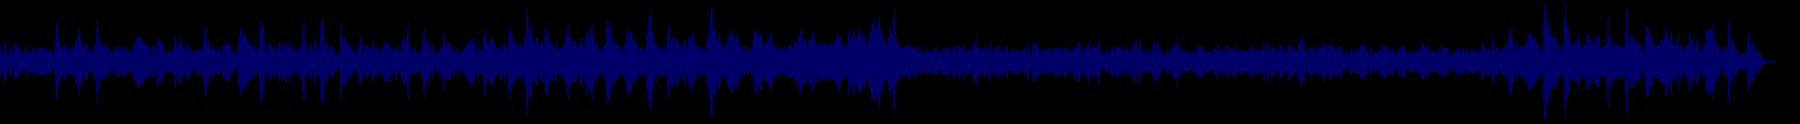 waveform of track #79657